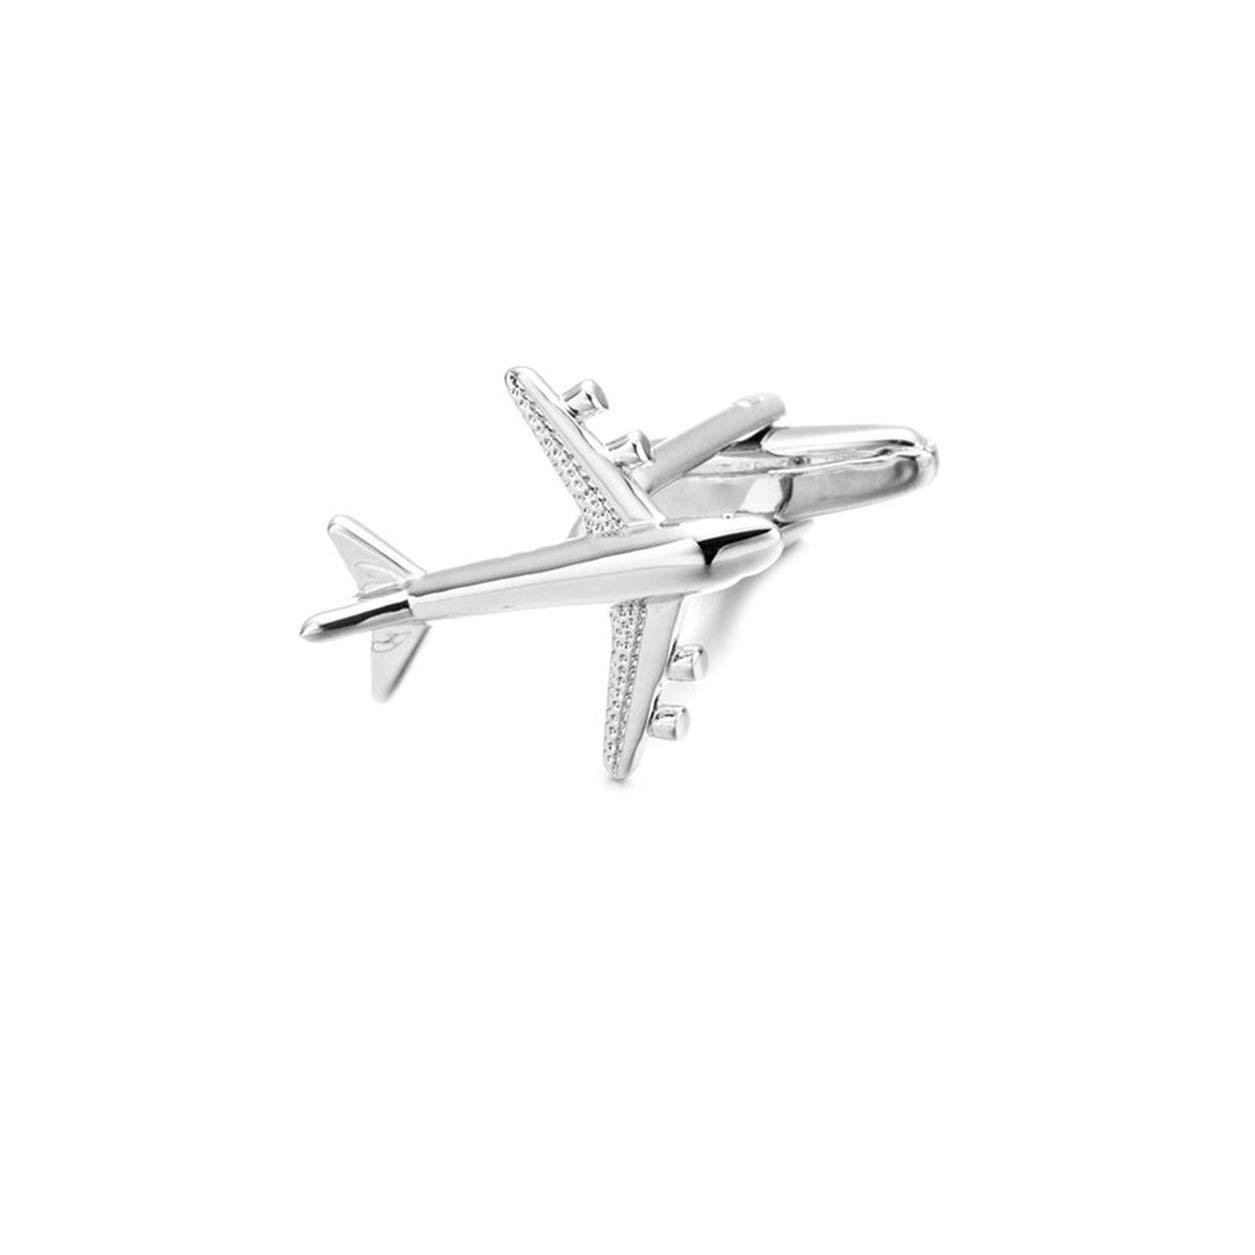 Or Avion F5449 Boutons de Manchette Hommes Chemise Boutons De Manchette Chemise Bouton De Manchette Cadeaux